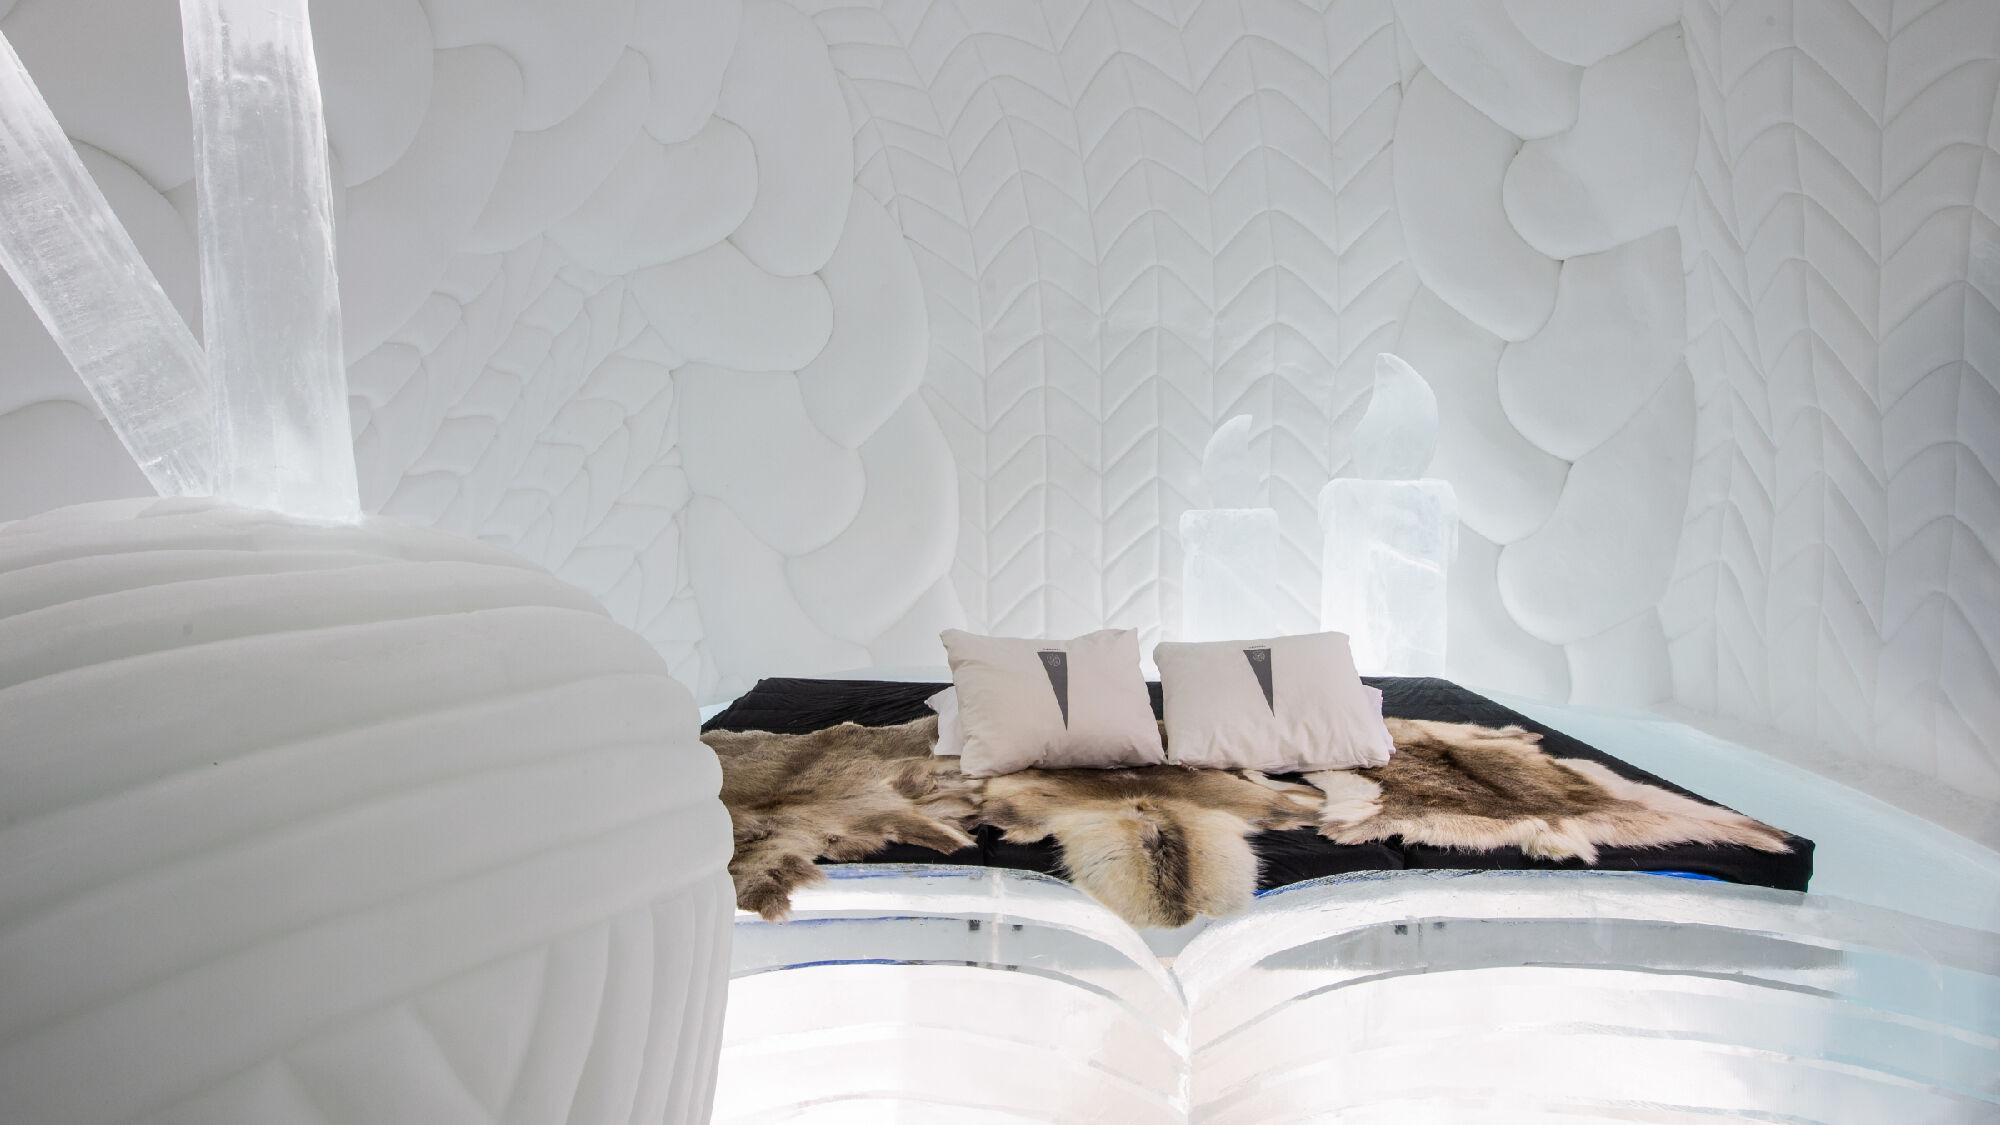 Blick in das Innere eines Eishotels von ICEHOTEL